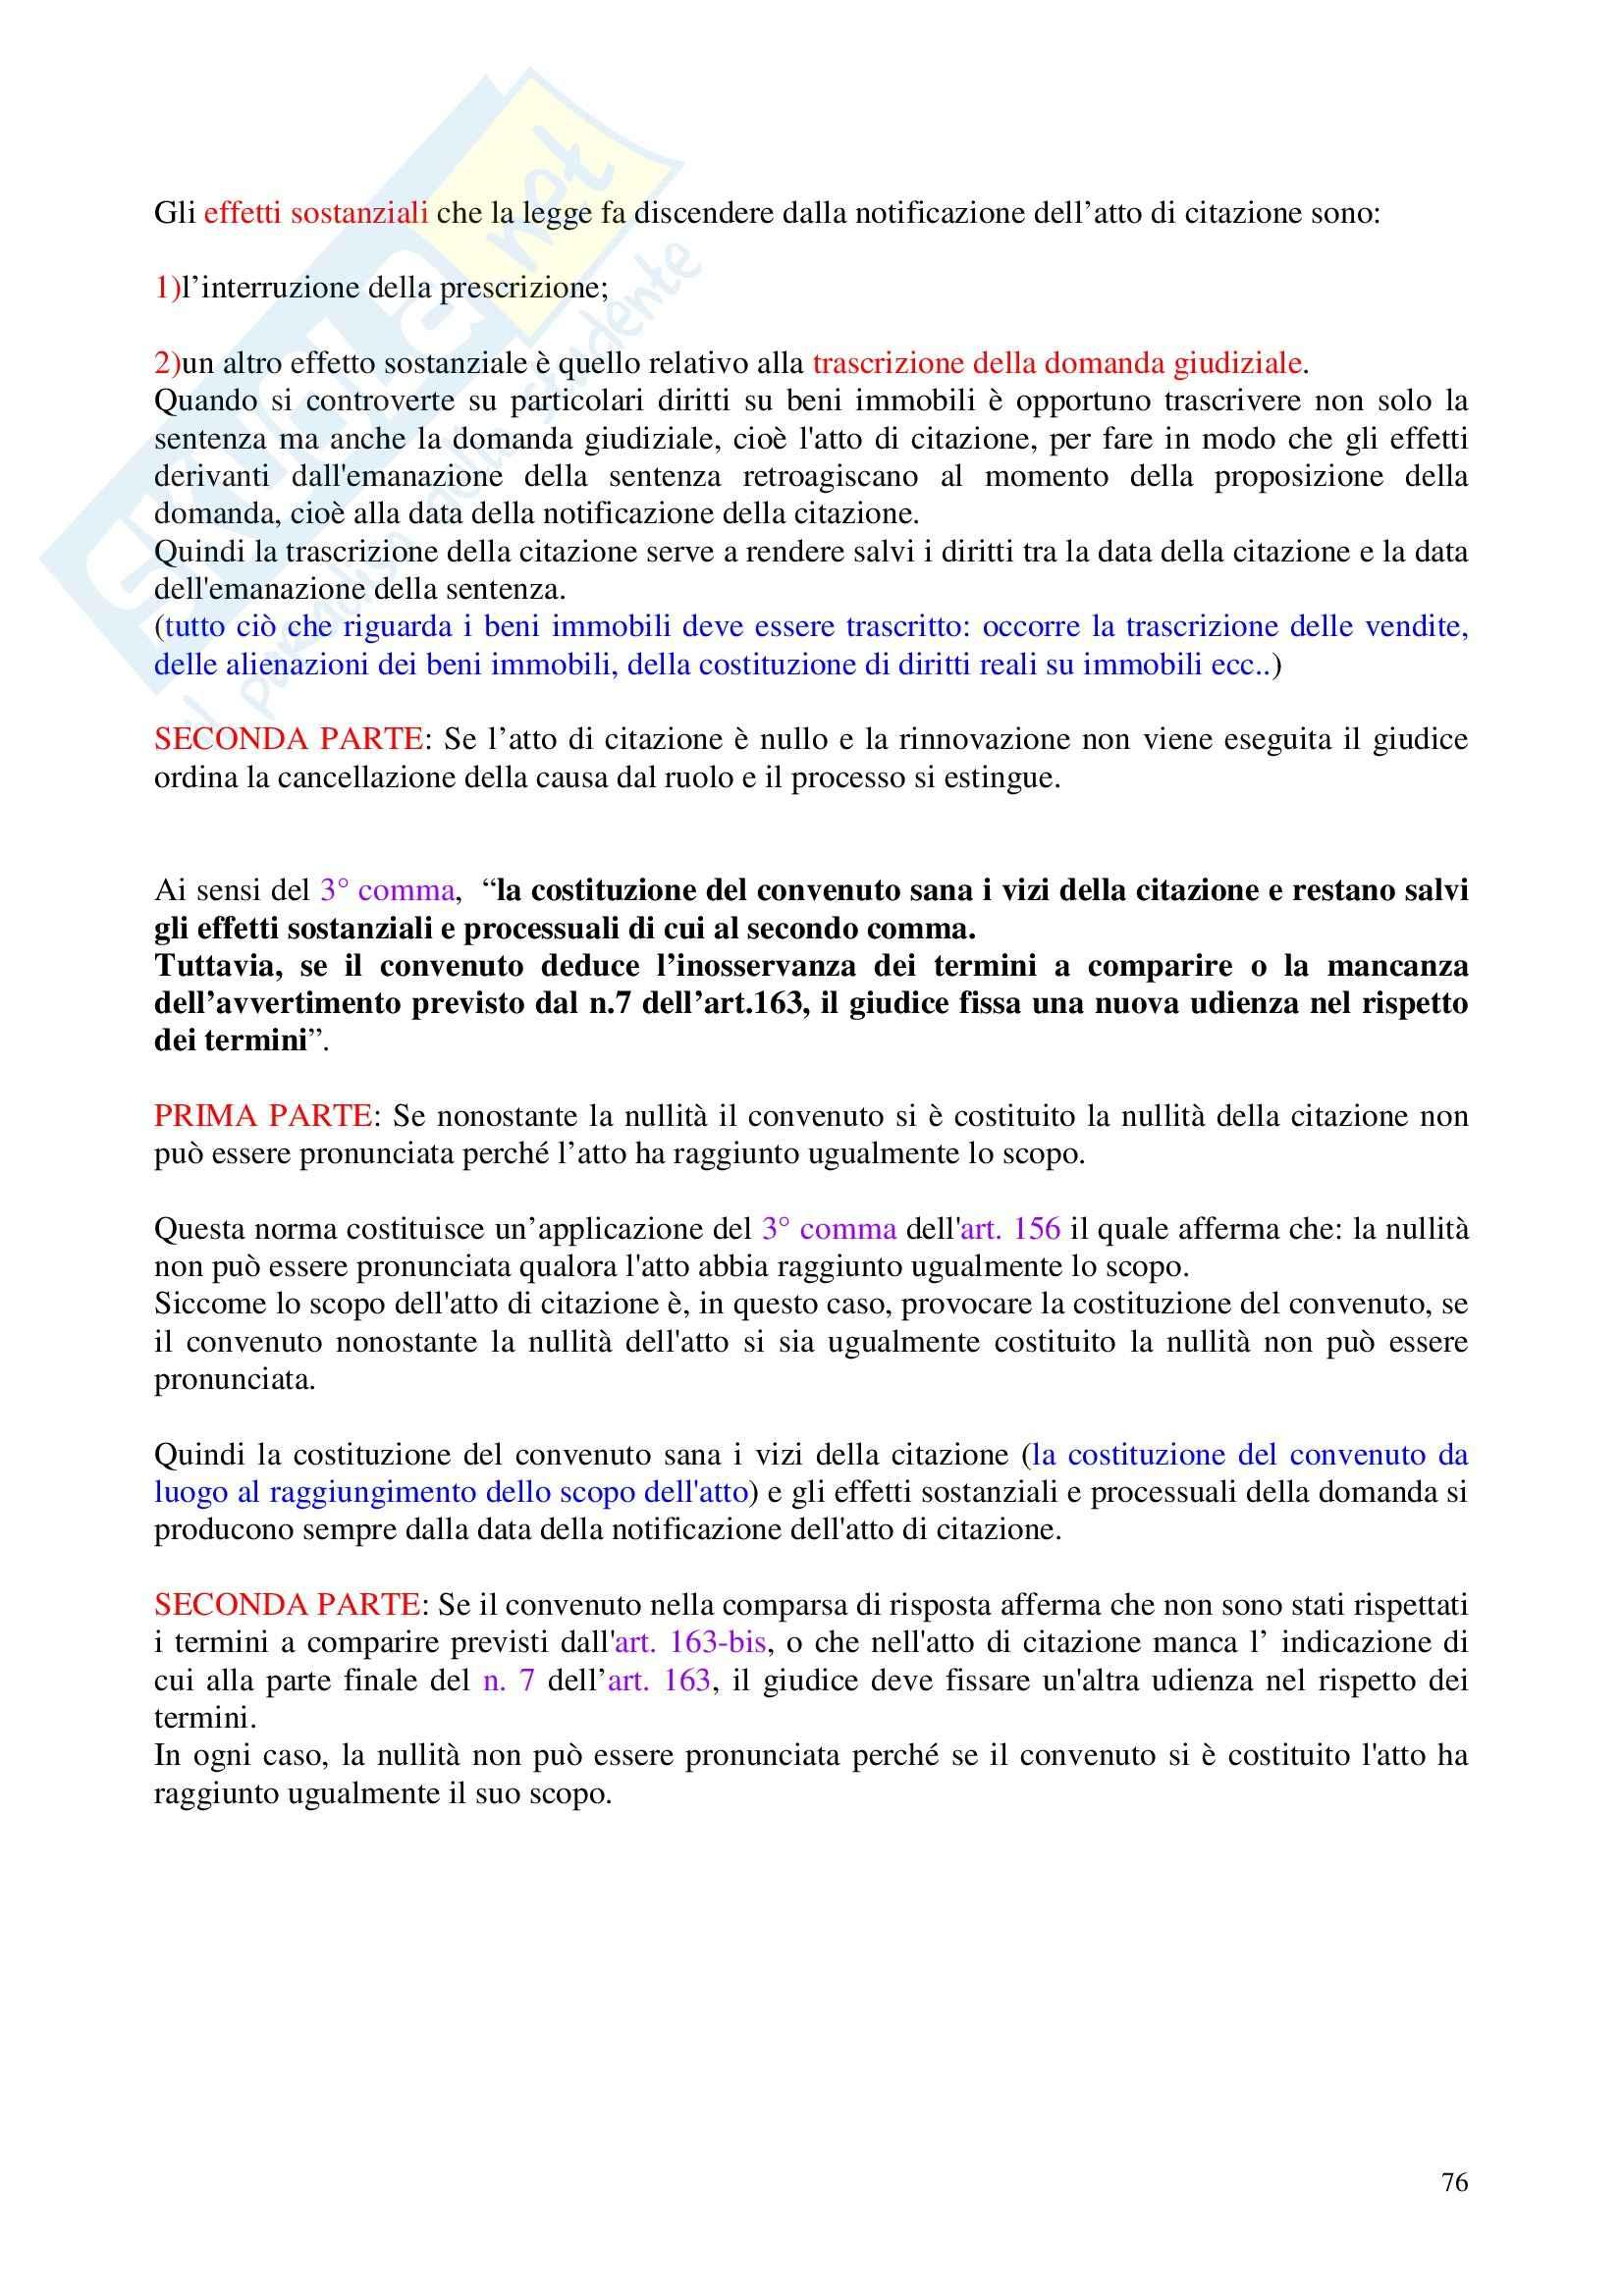 Diritto processuale civile - Appunti Pag. 76